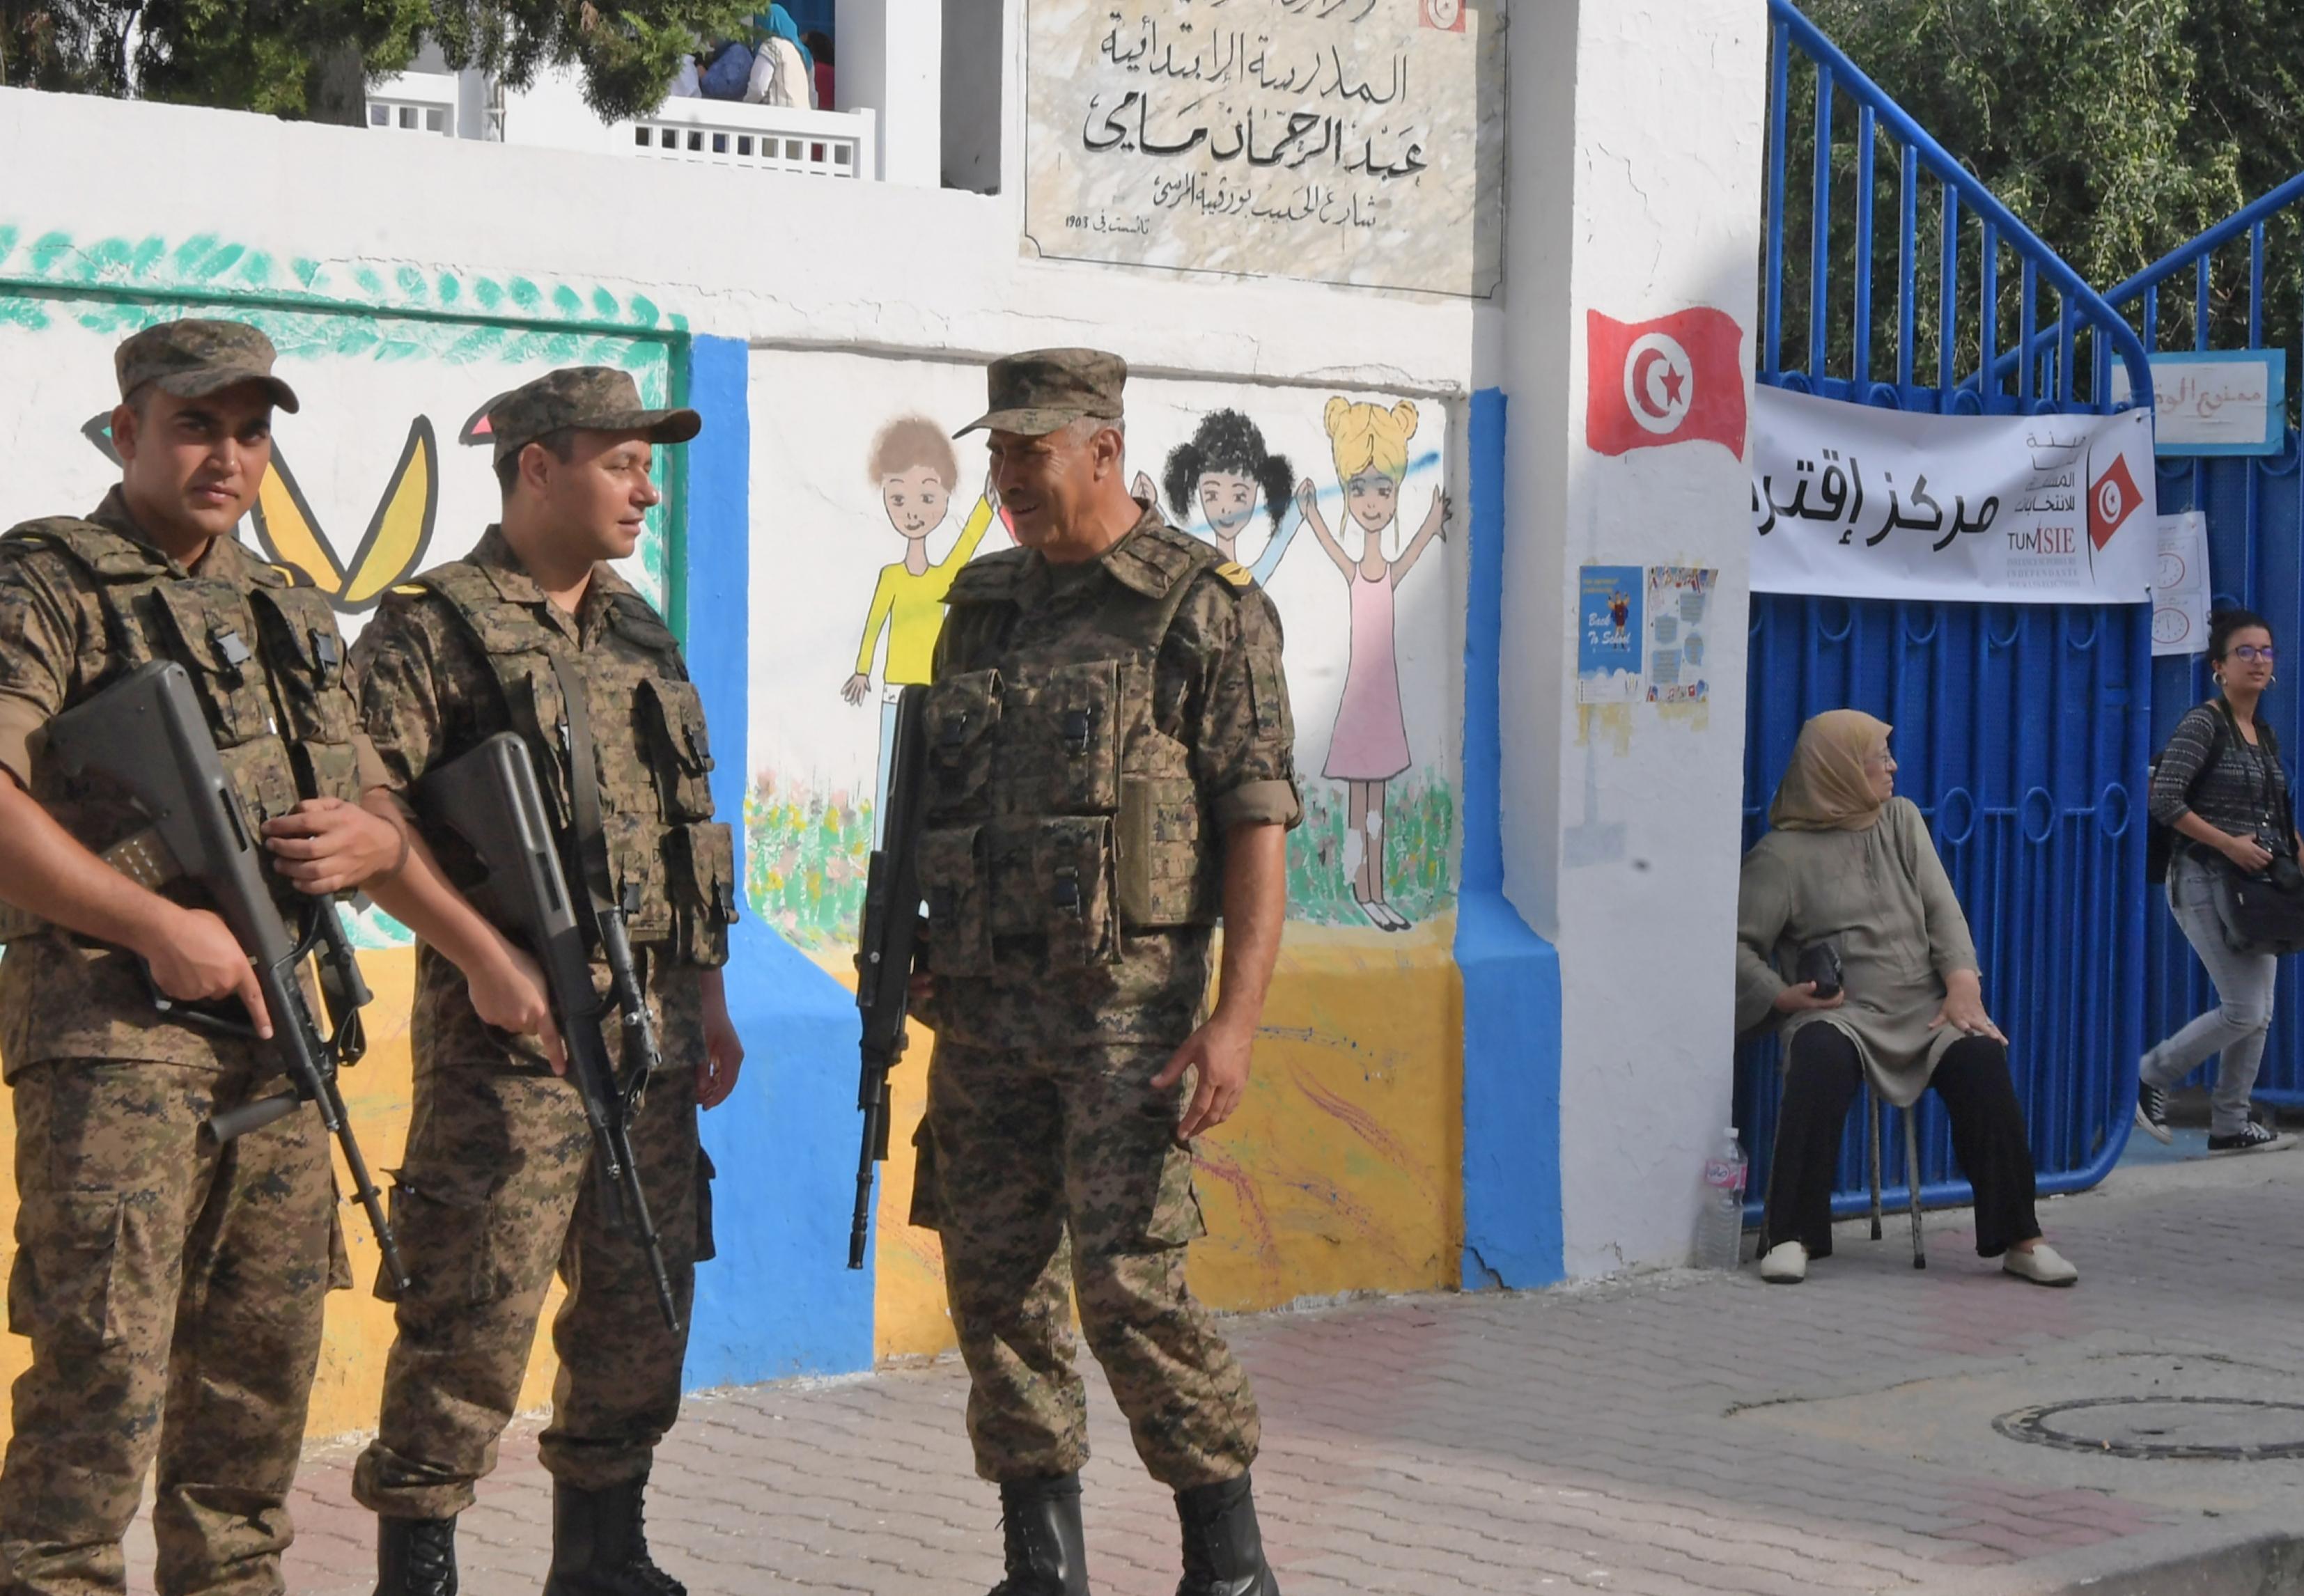 Présidentielle en Tunisie: Fin du vote avec une faible participation